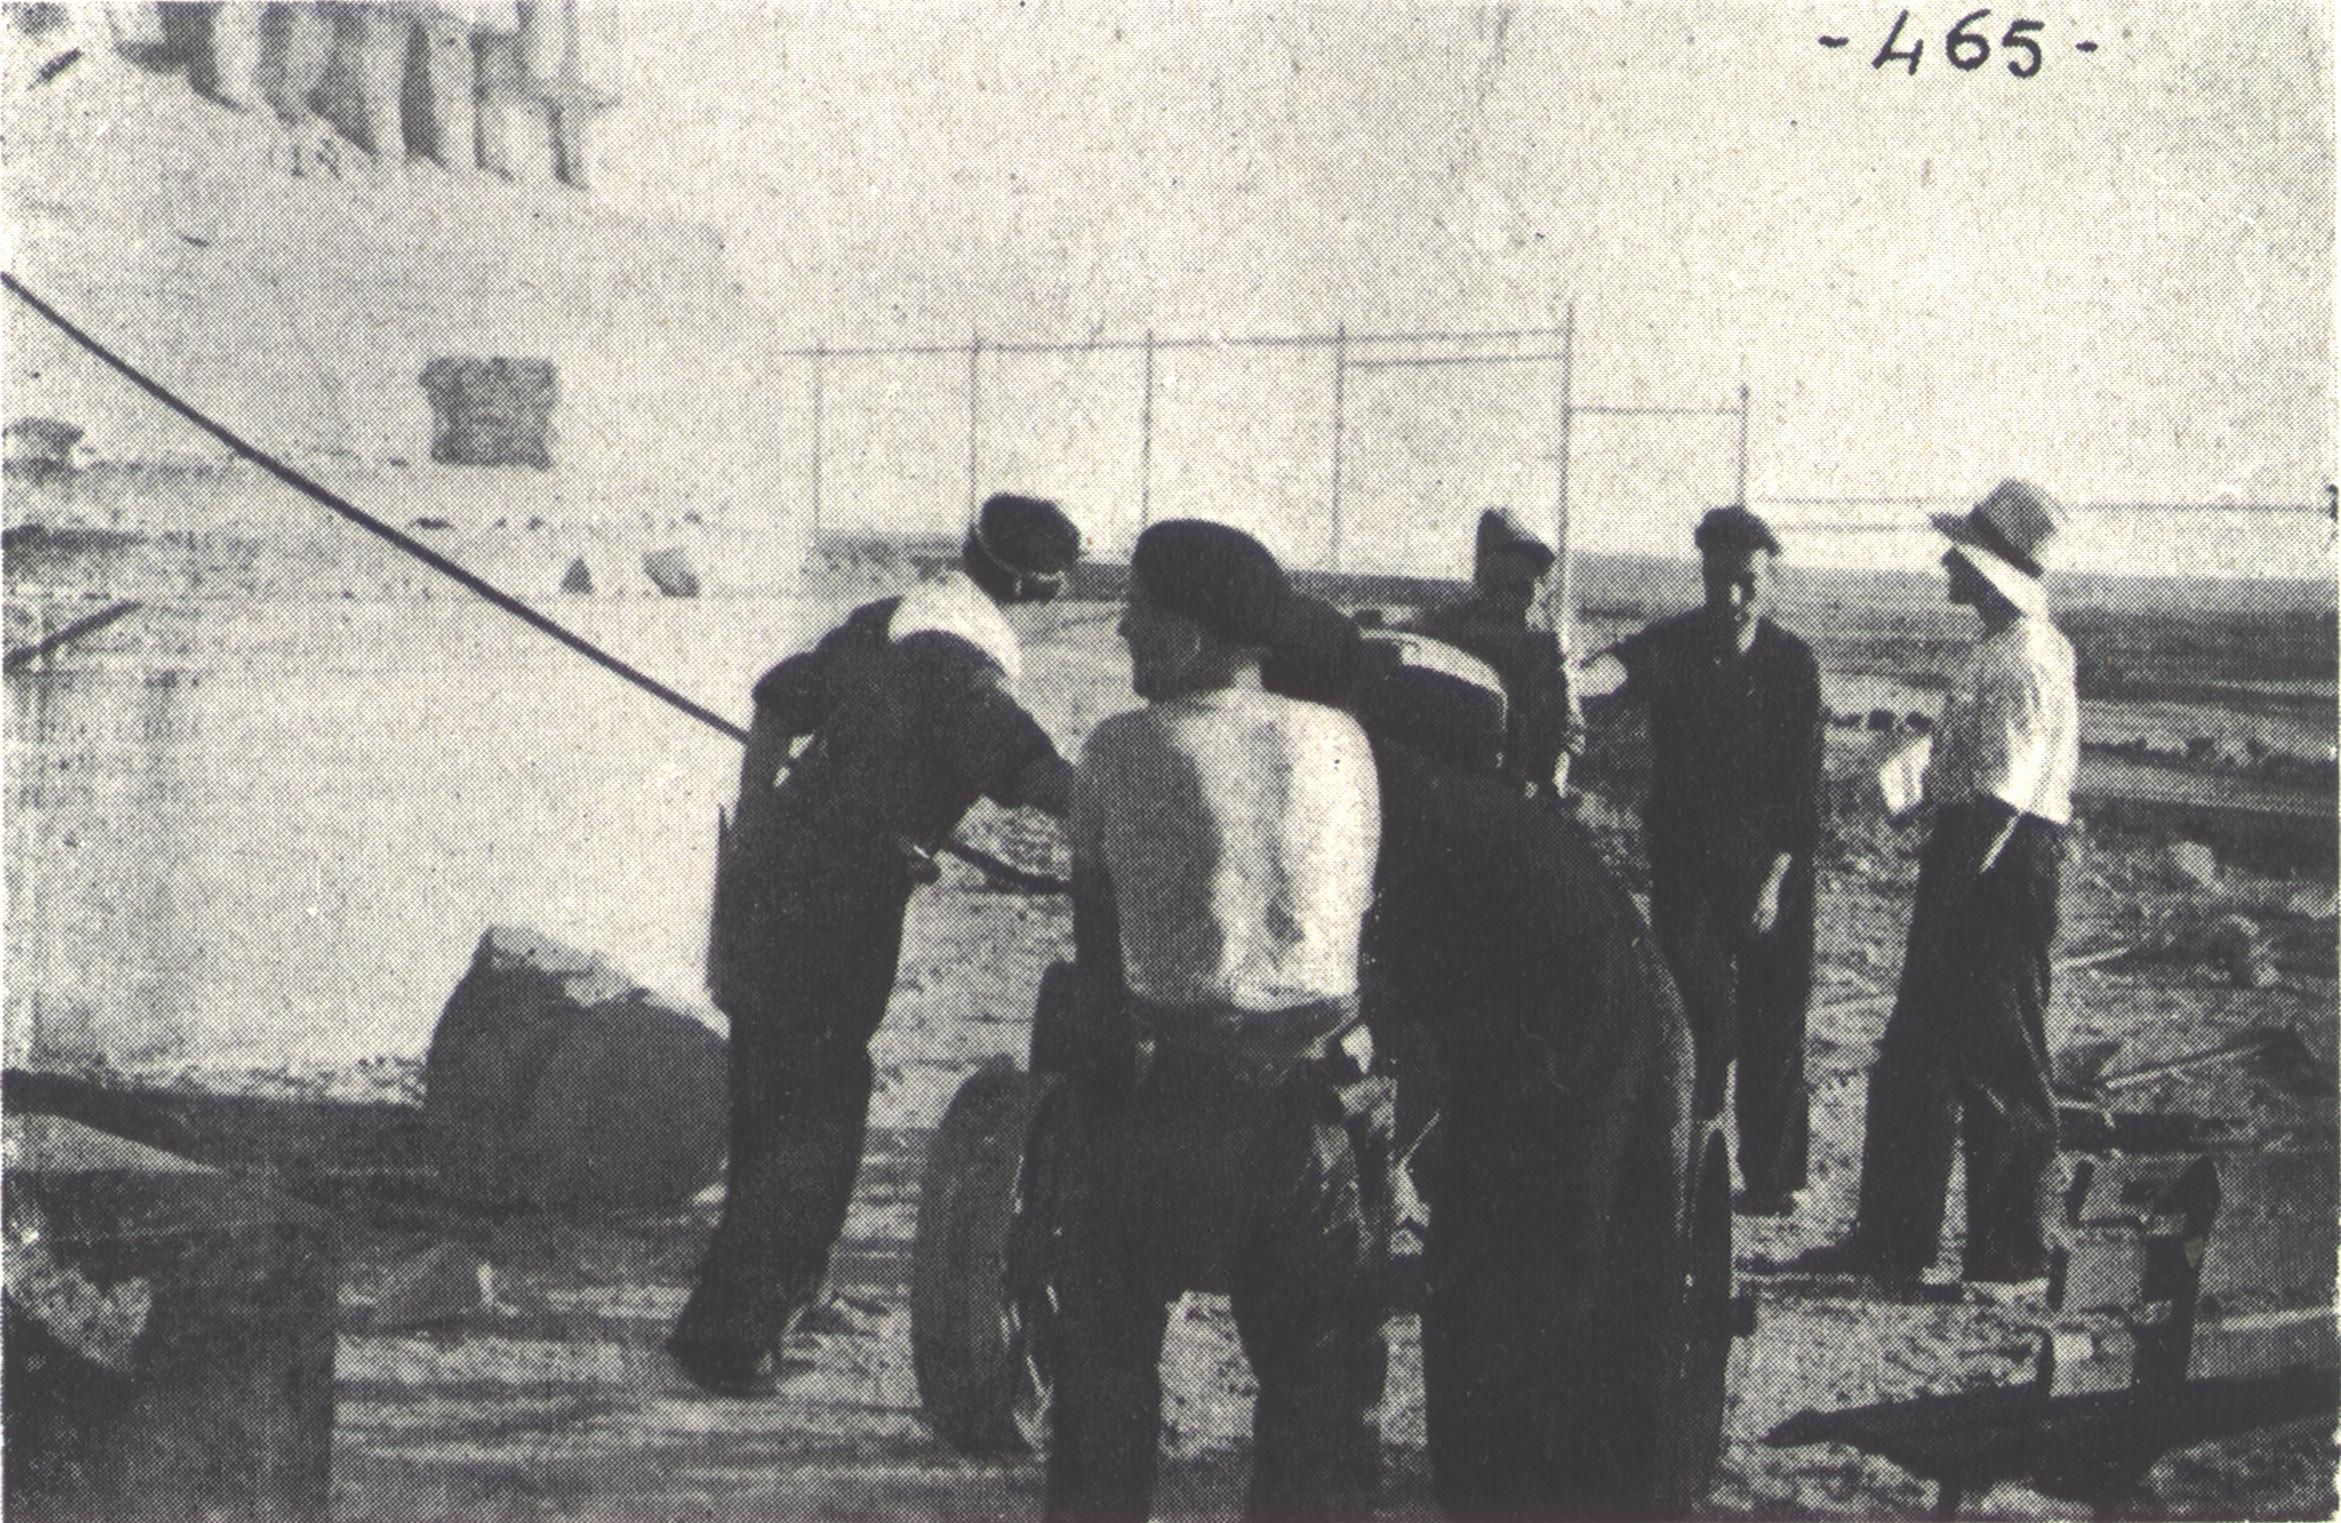 Primer intento. Varios hombres colocan cables atados a un tractor